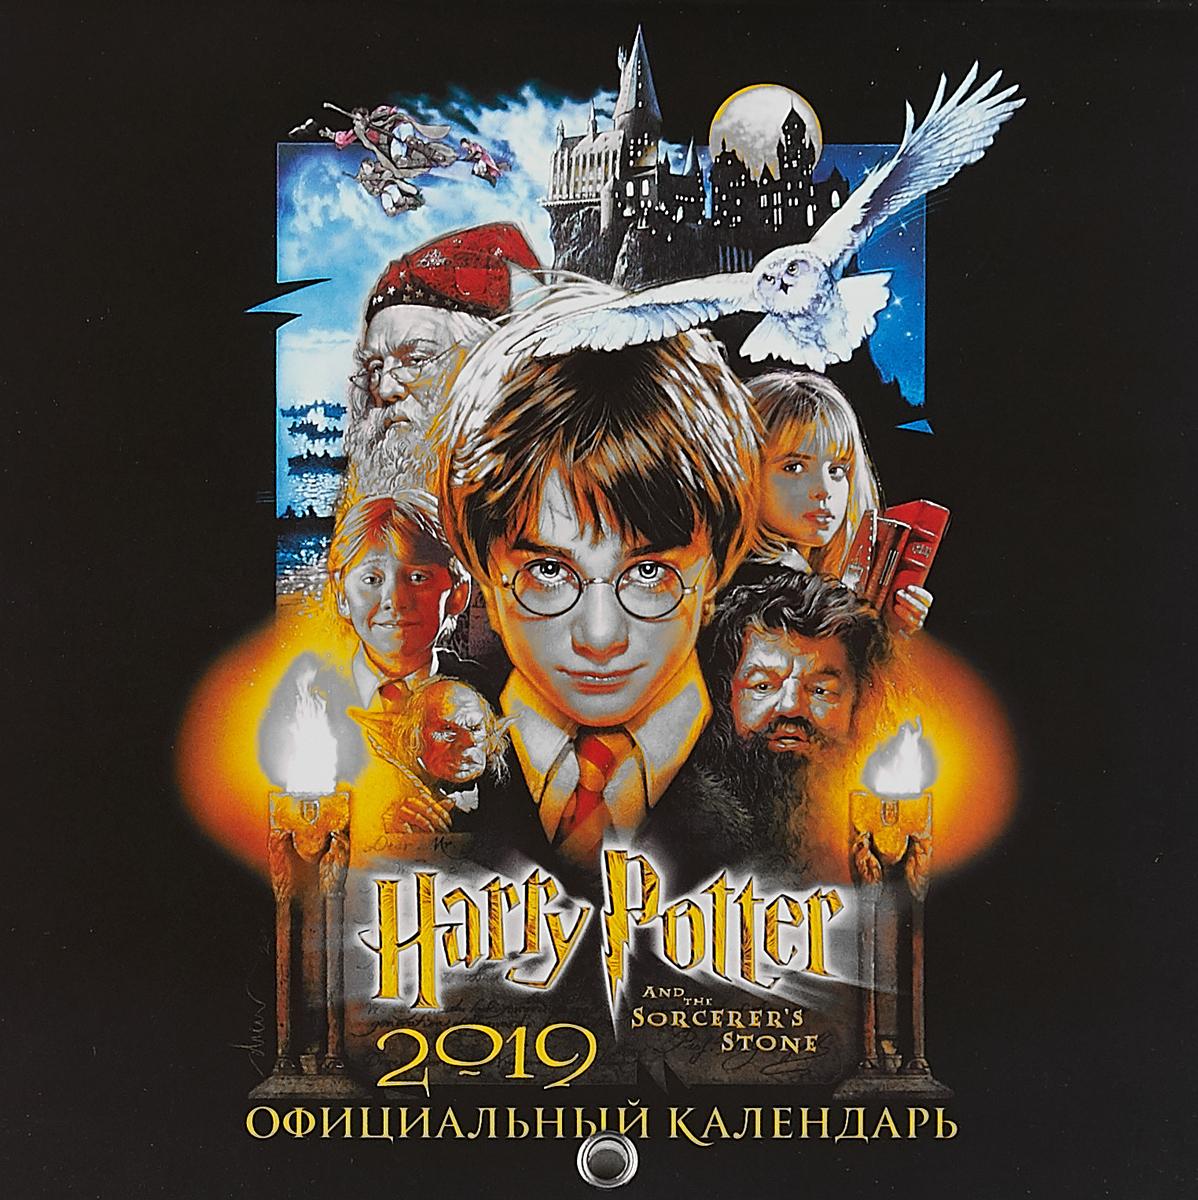 Гарри Поттер. Календарь настенный на 2019 год гарри поттер календарь настенный на 2019 год